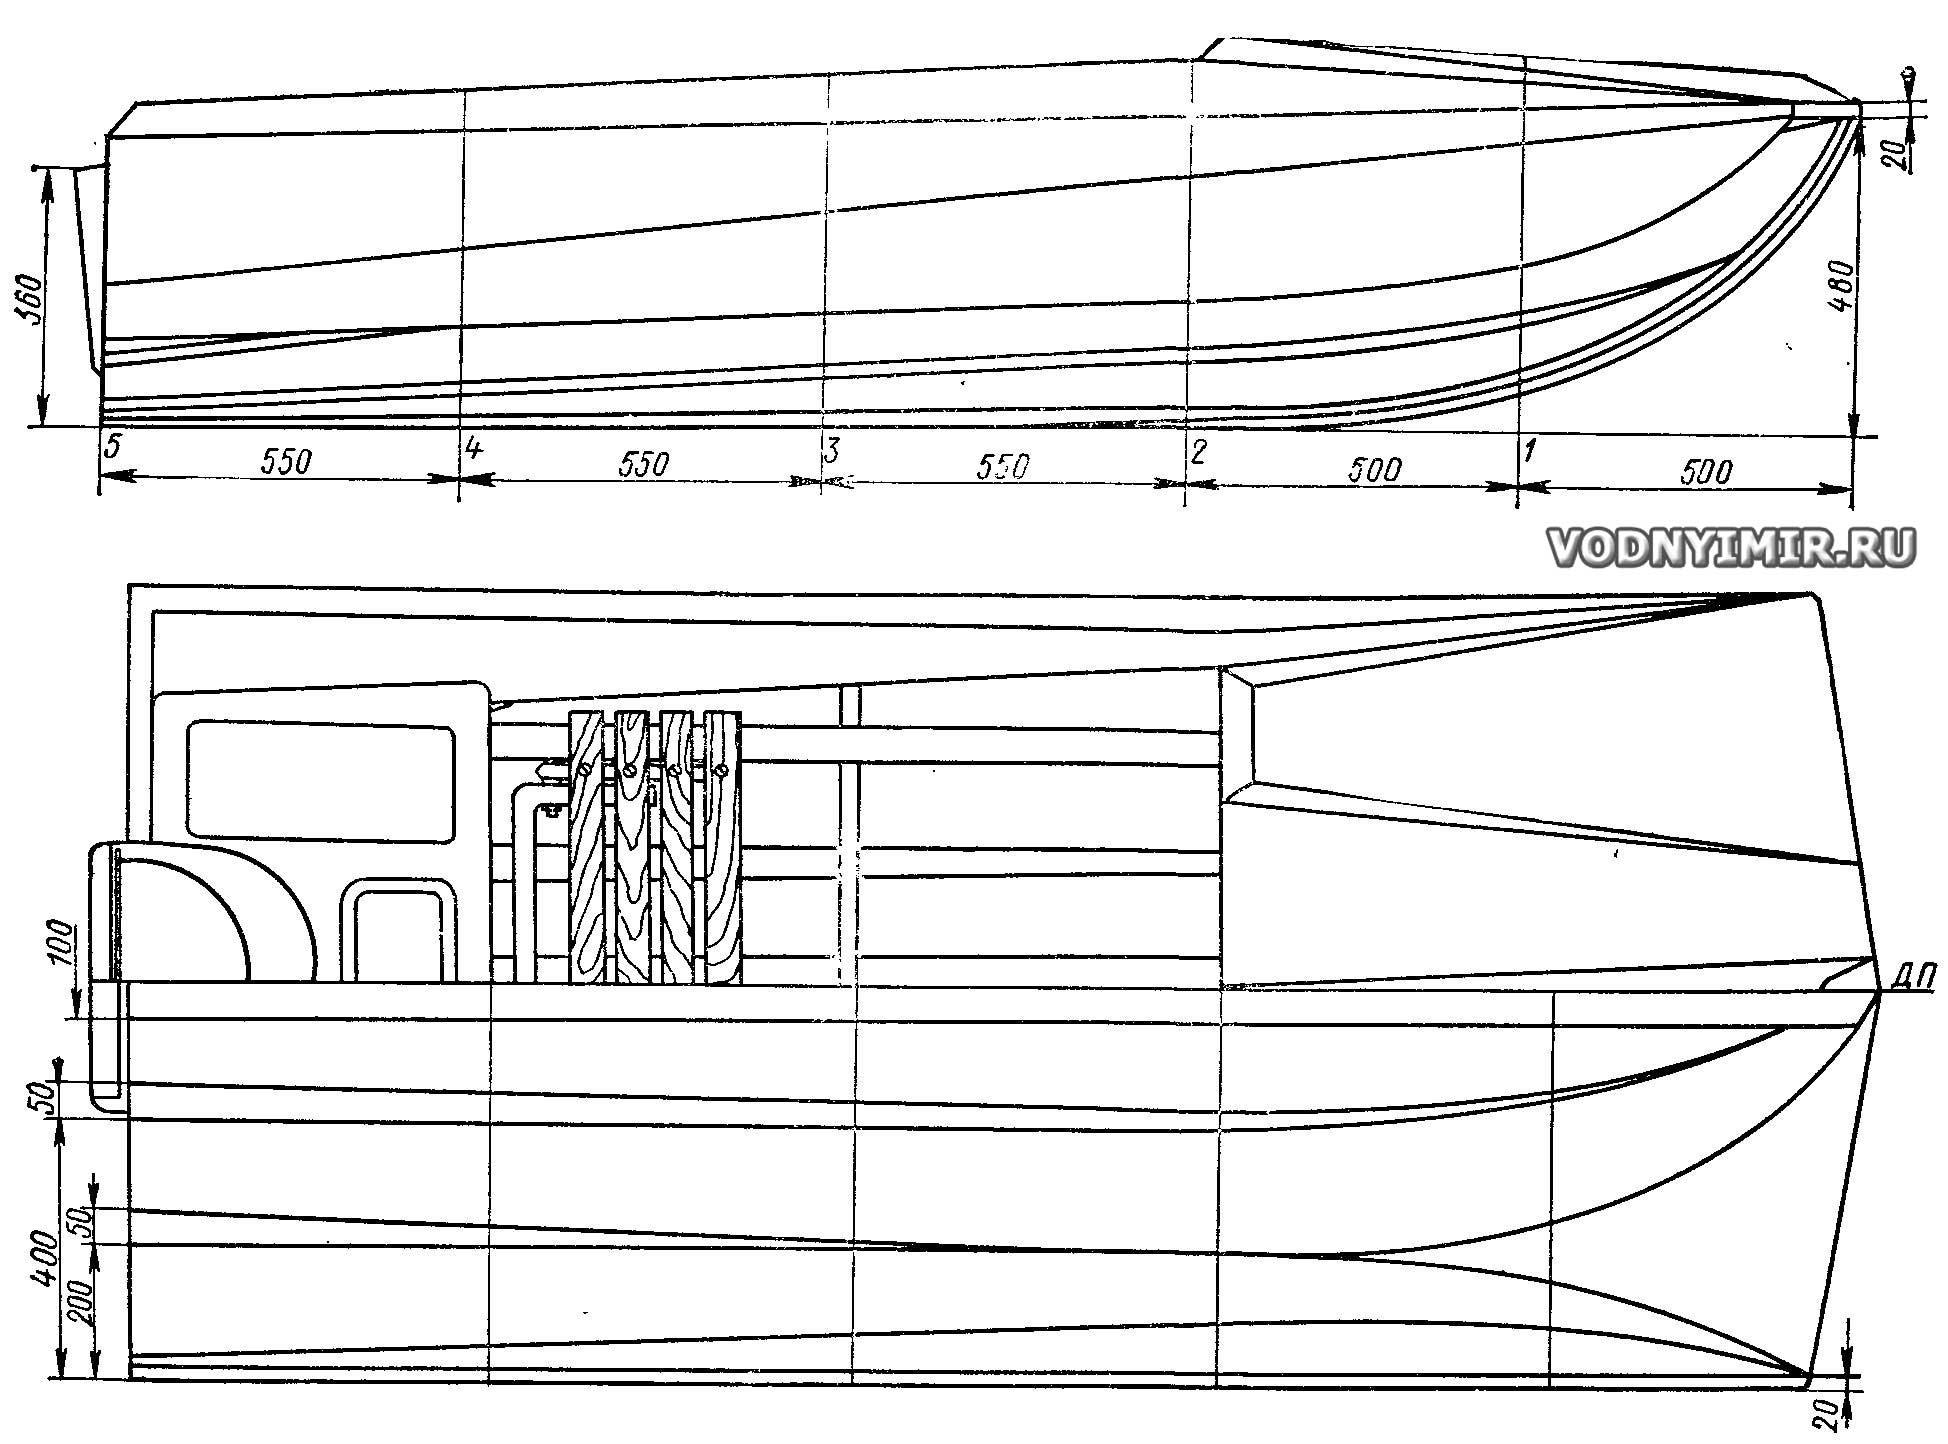 моторная лодка тримаран своими руками